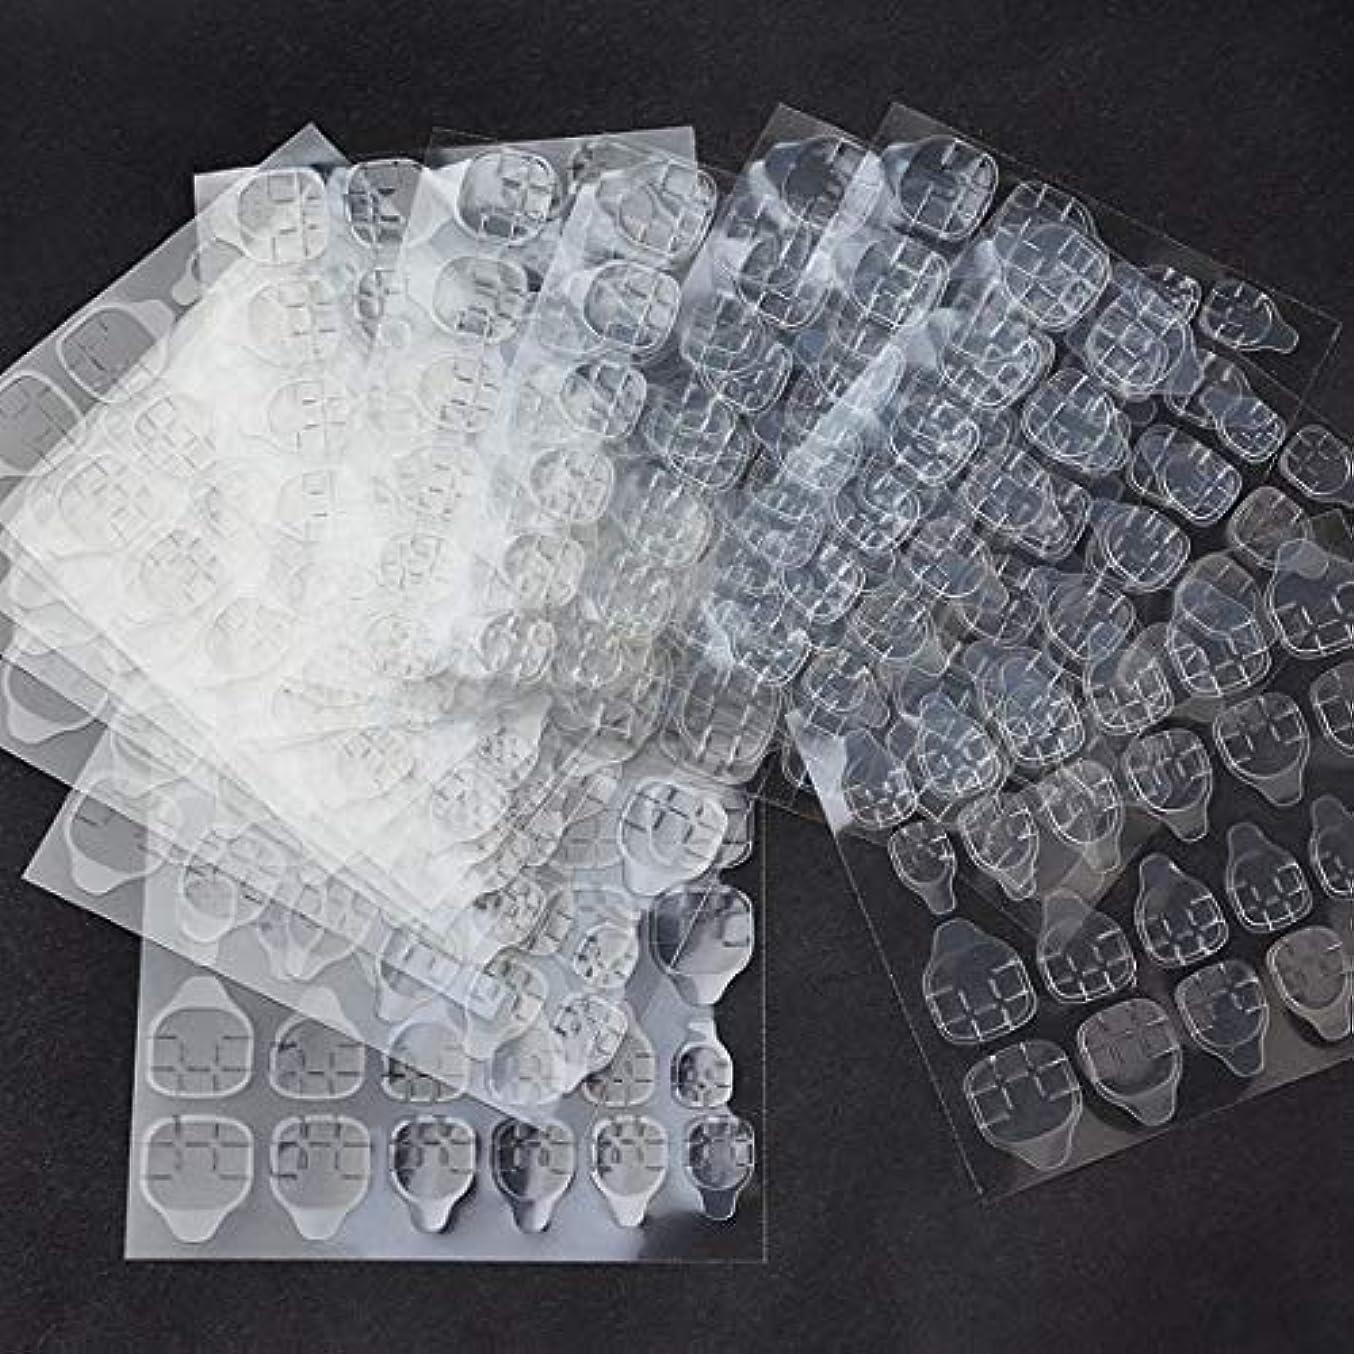 剥離丈夫排除ALEXBIAN 10枚防水通気性透明超薄型両面接着タブネイルグルーステッカー偽ネイルのヒント